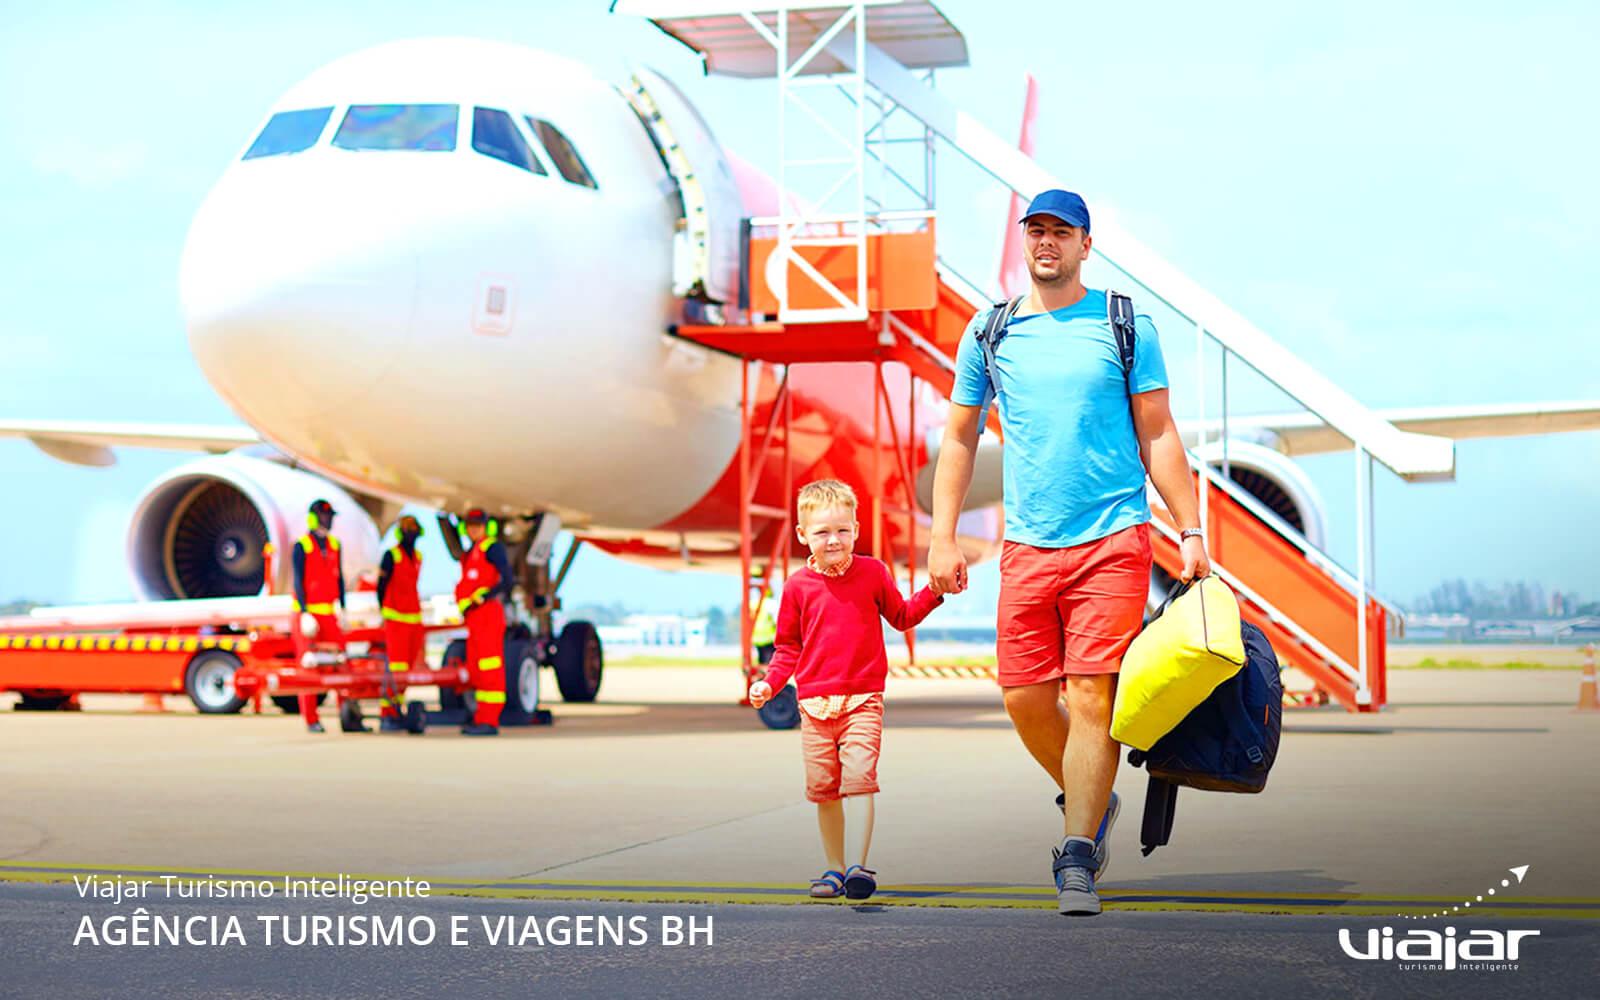 viajar-turismo-inteligente-belo-horizonte-minas-gerais-agencia-turismo-viagens-bh-02